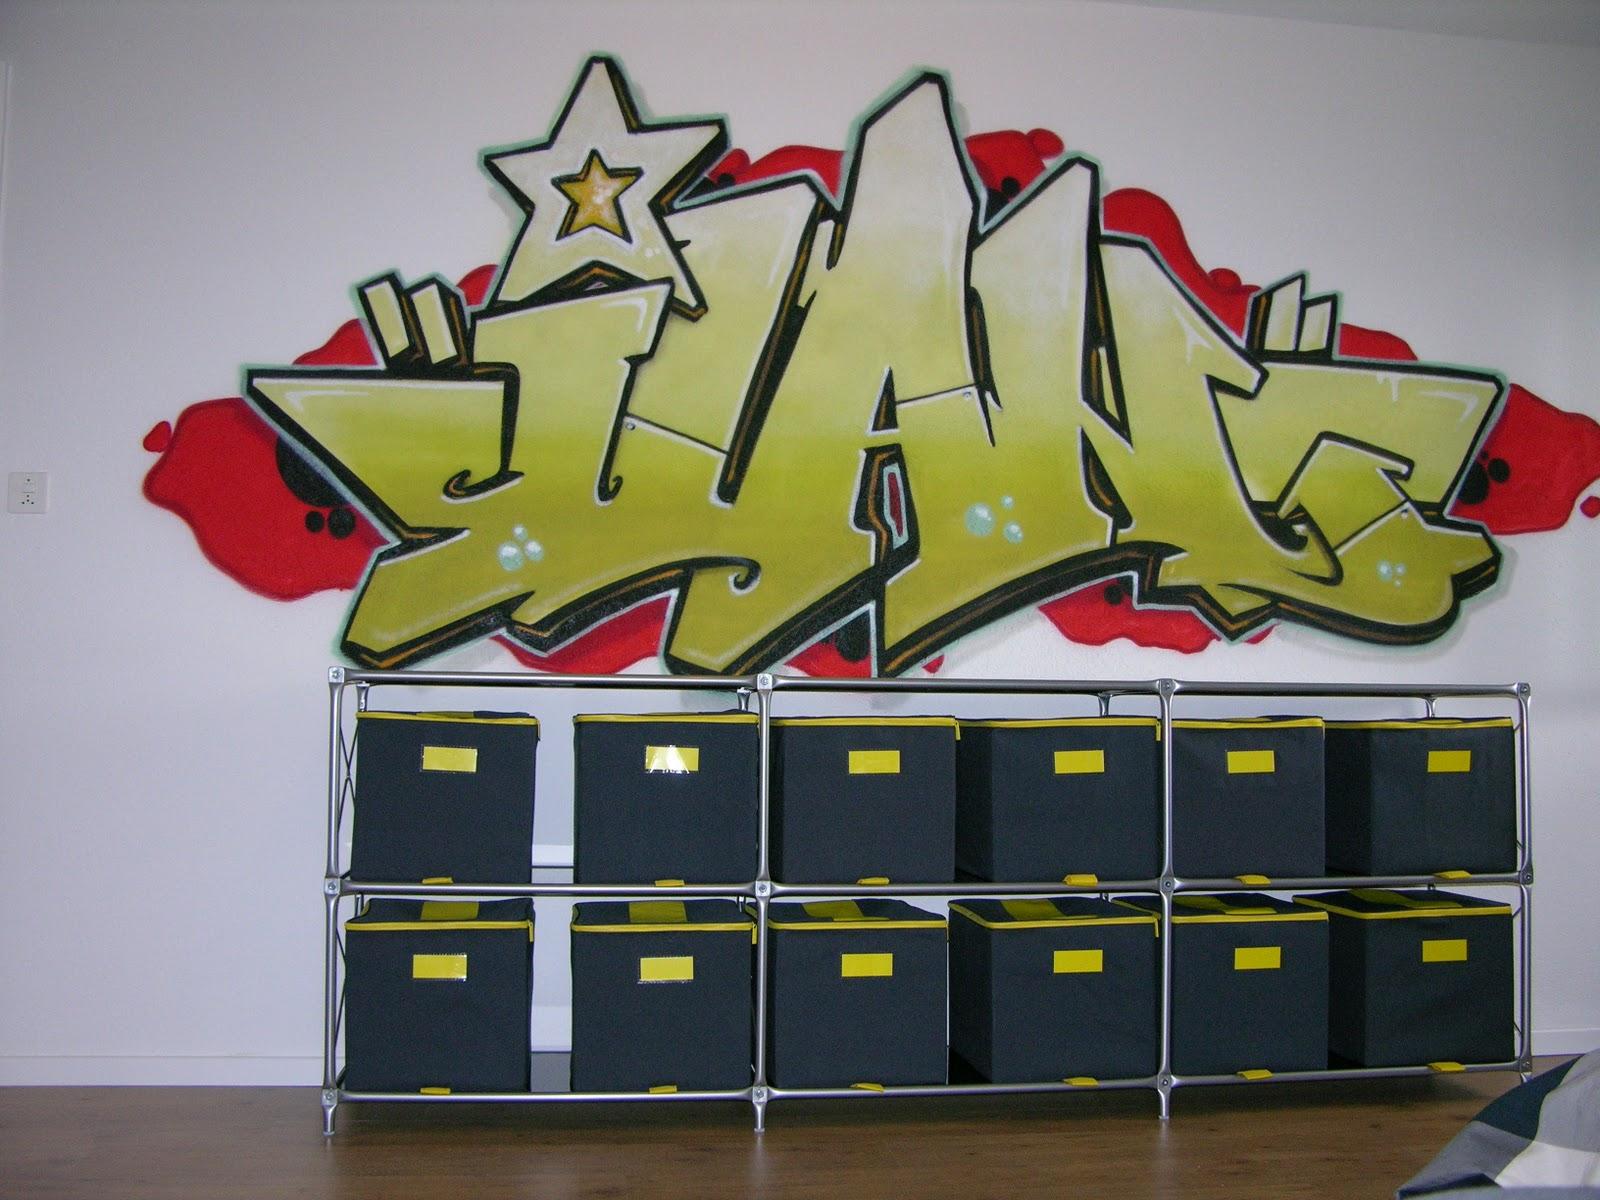 zurich prenom graff graffiti chambre enfant adolescent mur villa maison decoration bebe. Black Bedroom Furniture Sets. Home Design Ideas